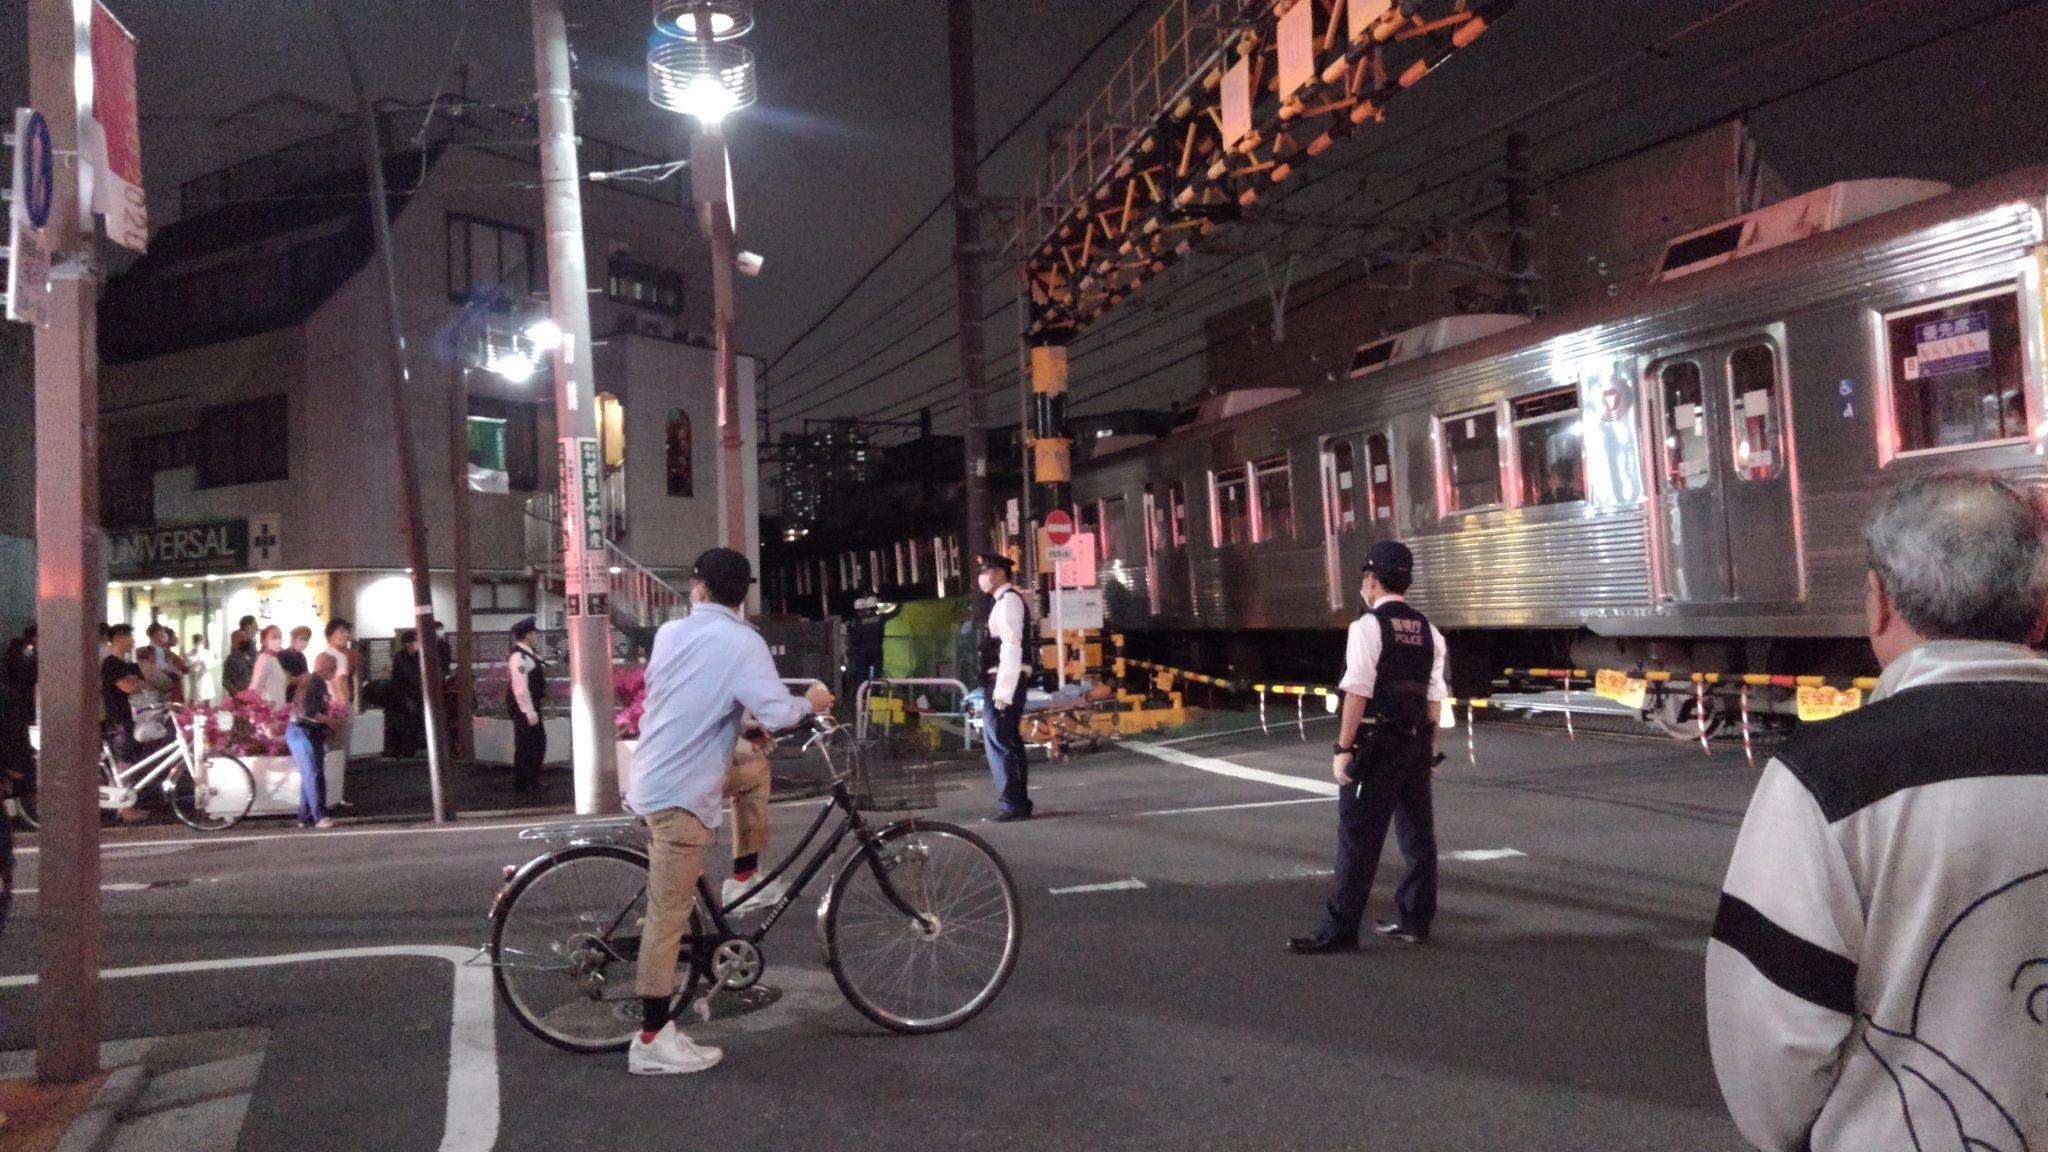 鐘ヶ淵駅で人身事故が起きた現場の画像